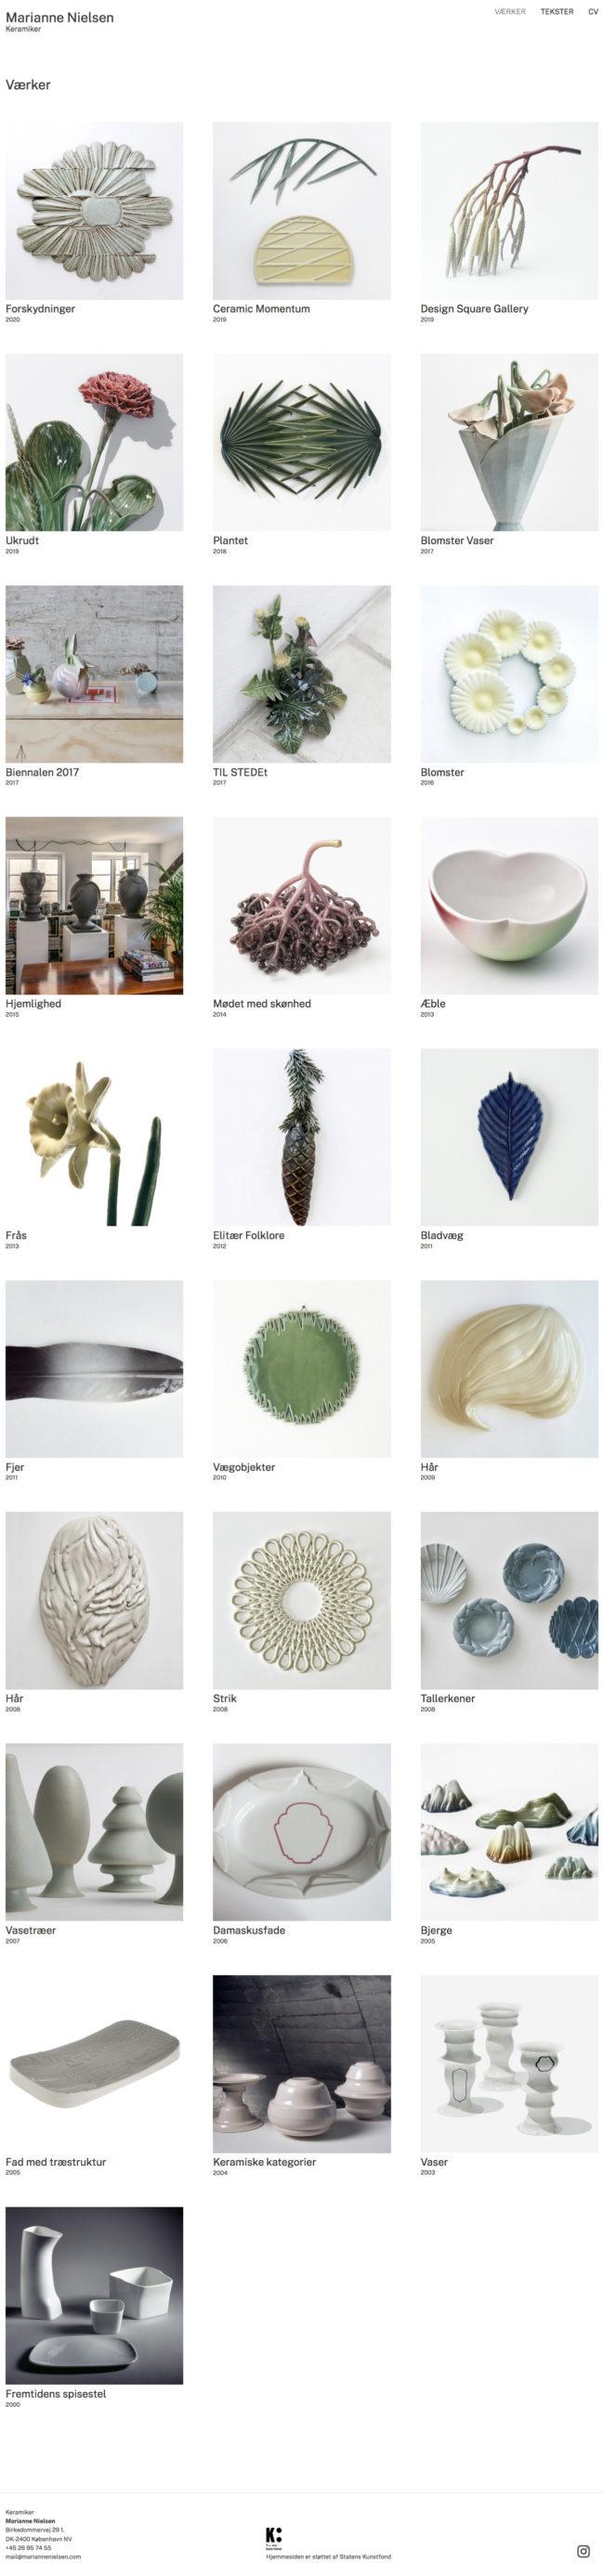 WordPress-site til keramiker Marianne Nielsen